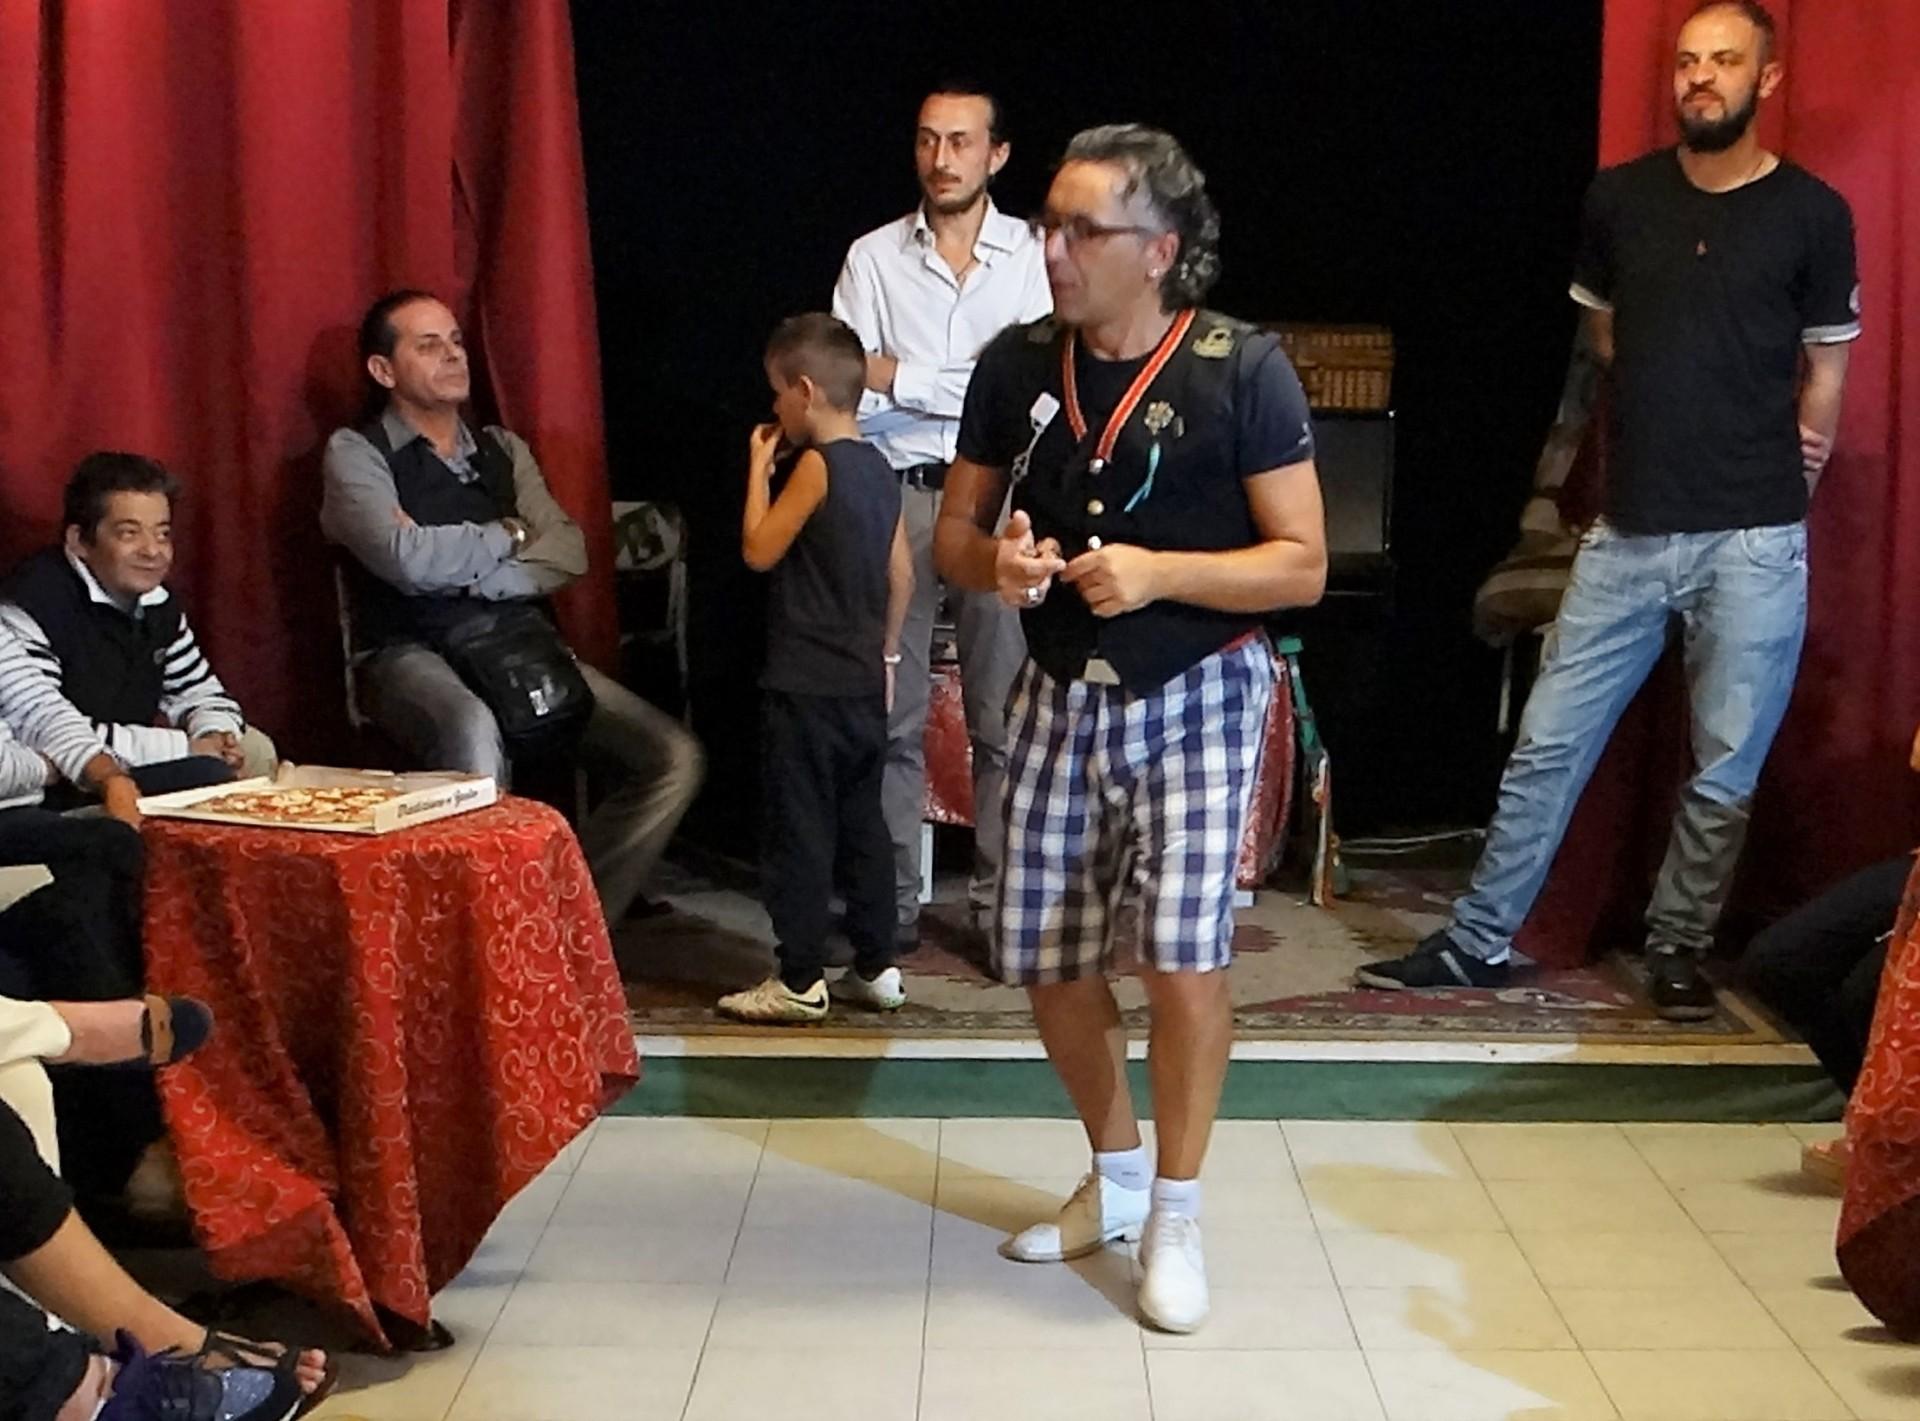 Angelo erklärt die Tarantella